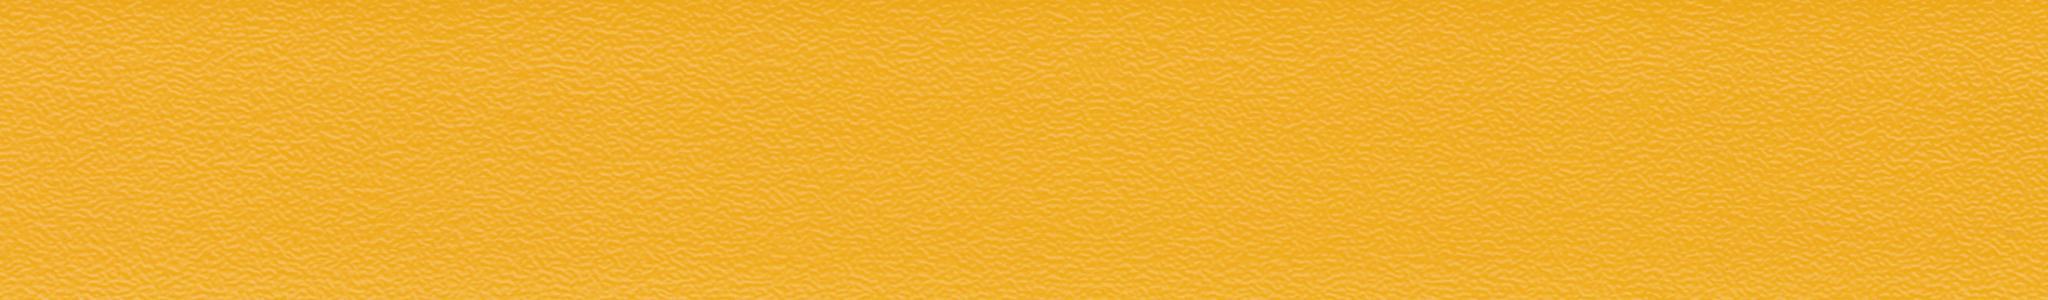 HU 11028 ABS hrana žlutá perla 101